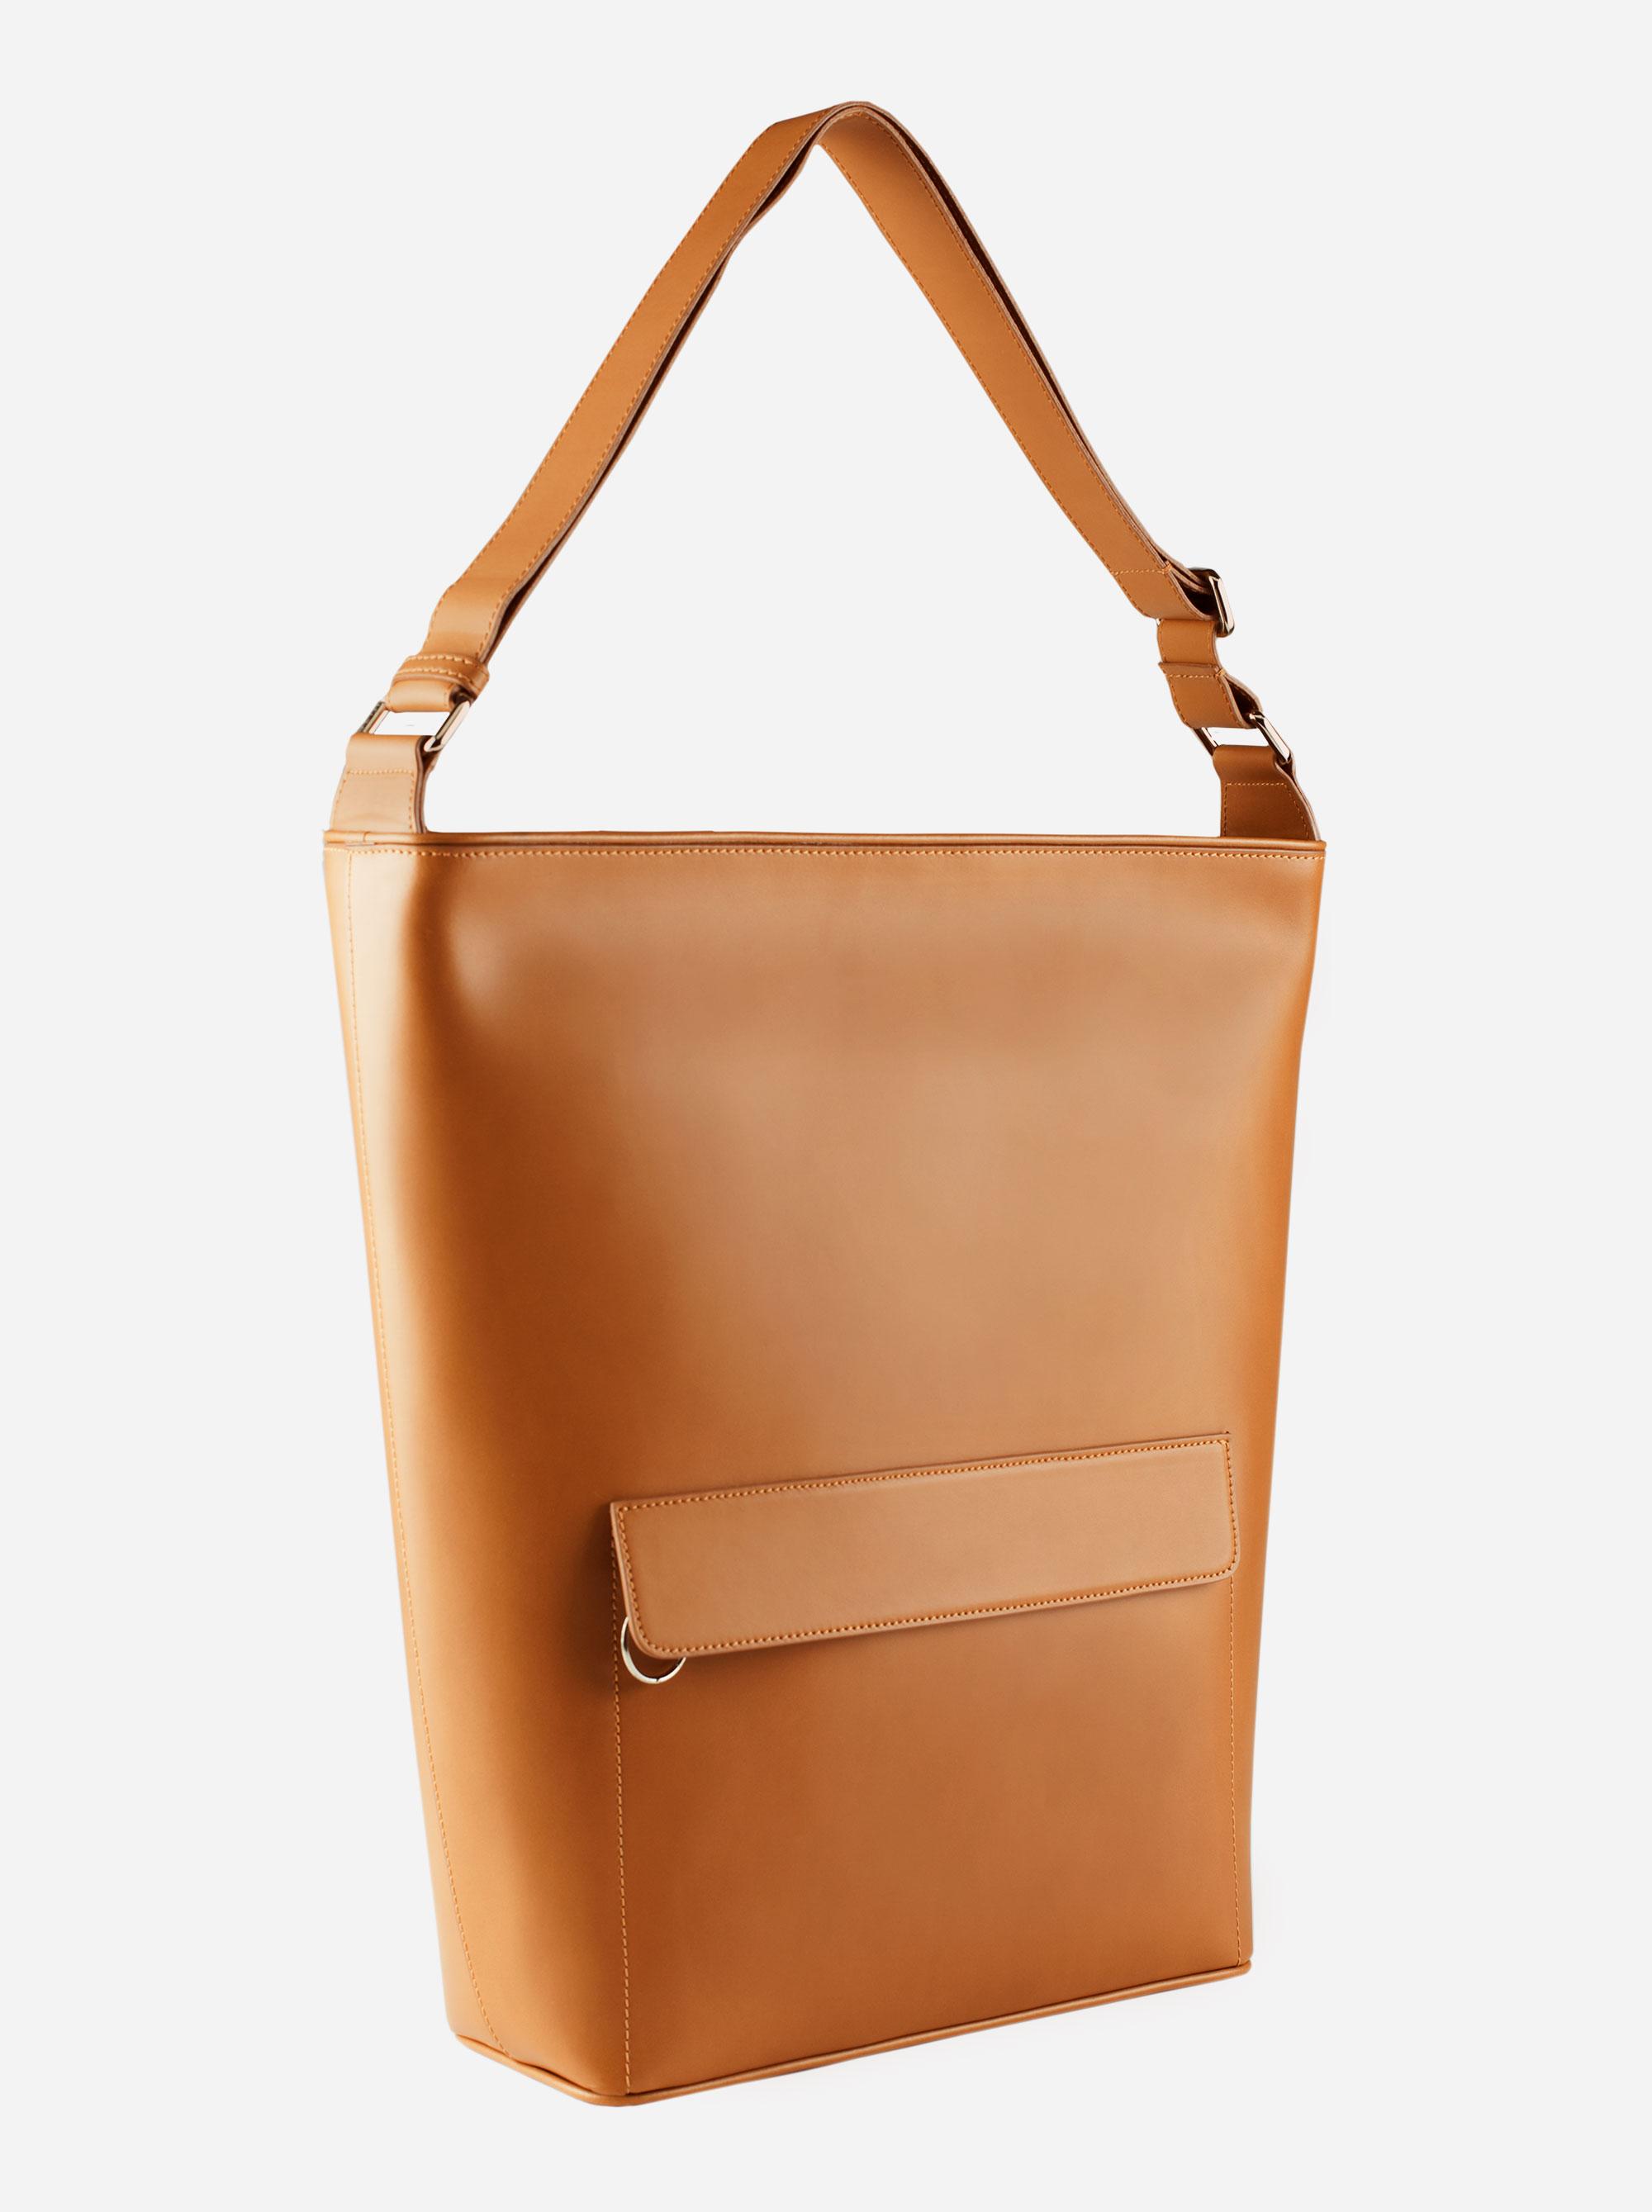 Teym - The Shoulder Bag - Camel - 3